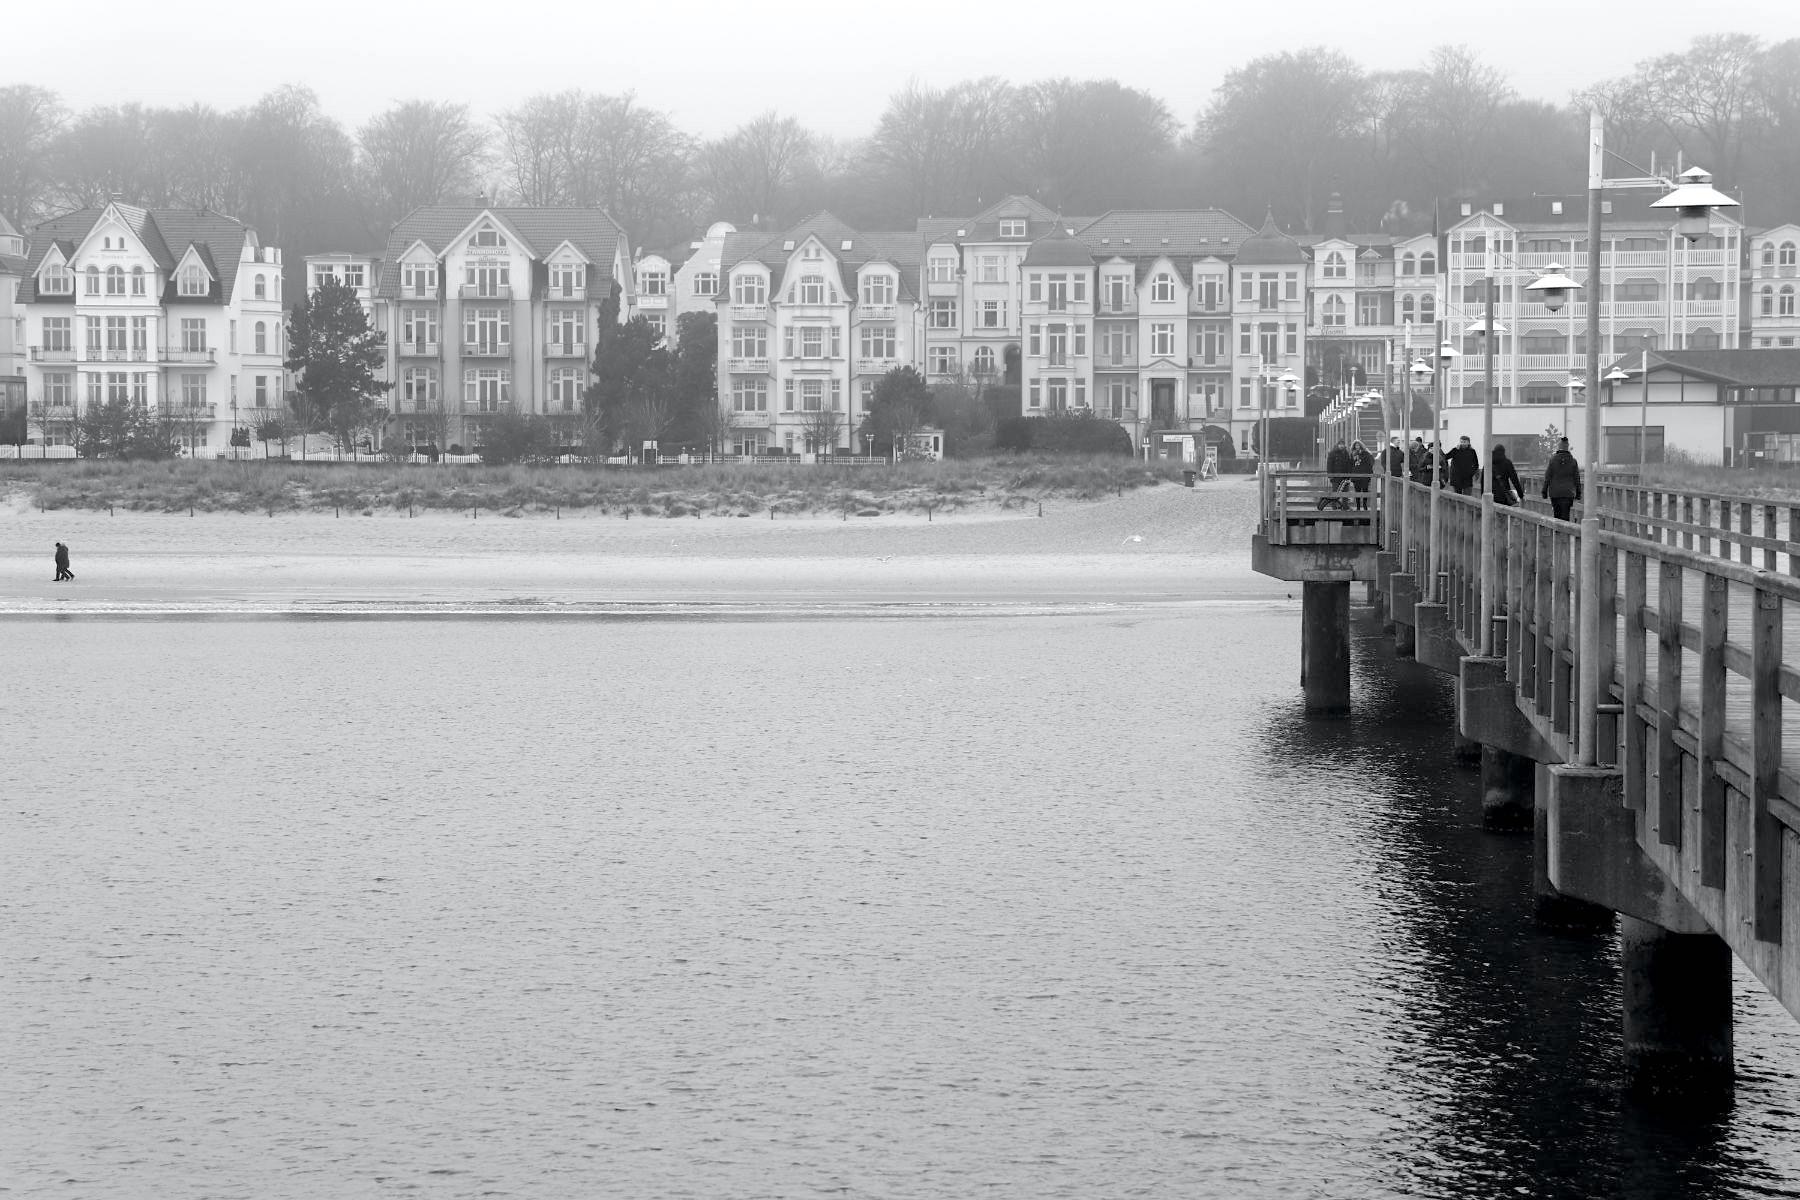 """Bansin. Nordöstlich von Heringsdorf entstand 1897 das jüngste der drei Bäder. Es liegt in einem schmalen Streifen direkt zwischen der Steilküste und der See. Die Häuser wurden """"auf Lücke"""" gebaut, sodass auch die zweite Reihe direkt auf das Meer blickt. Der Seesteg hier ist schlicht und bescheiden."""